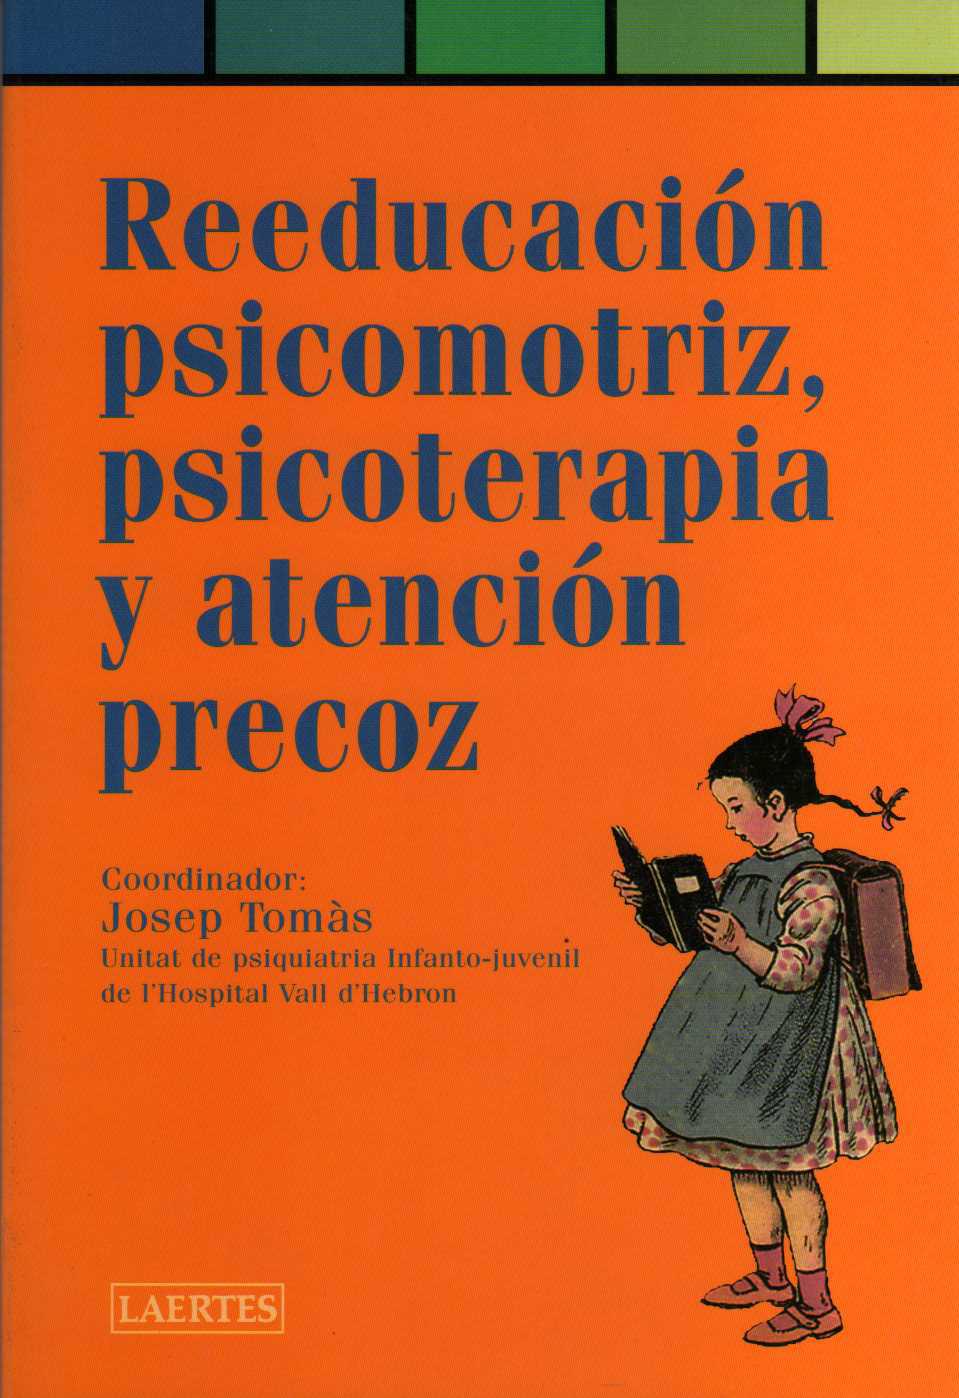 REEDUCACION PSICOMOTRIZ, PSICOTERAPIA Y ATENCION PRECOZ